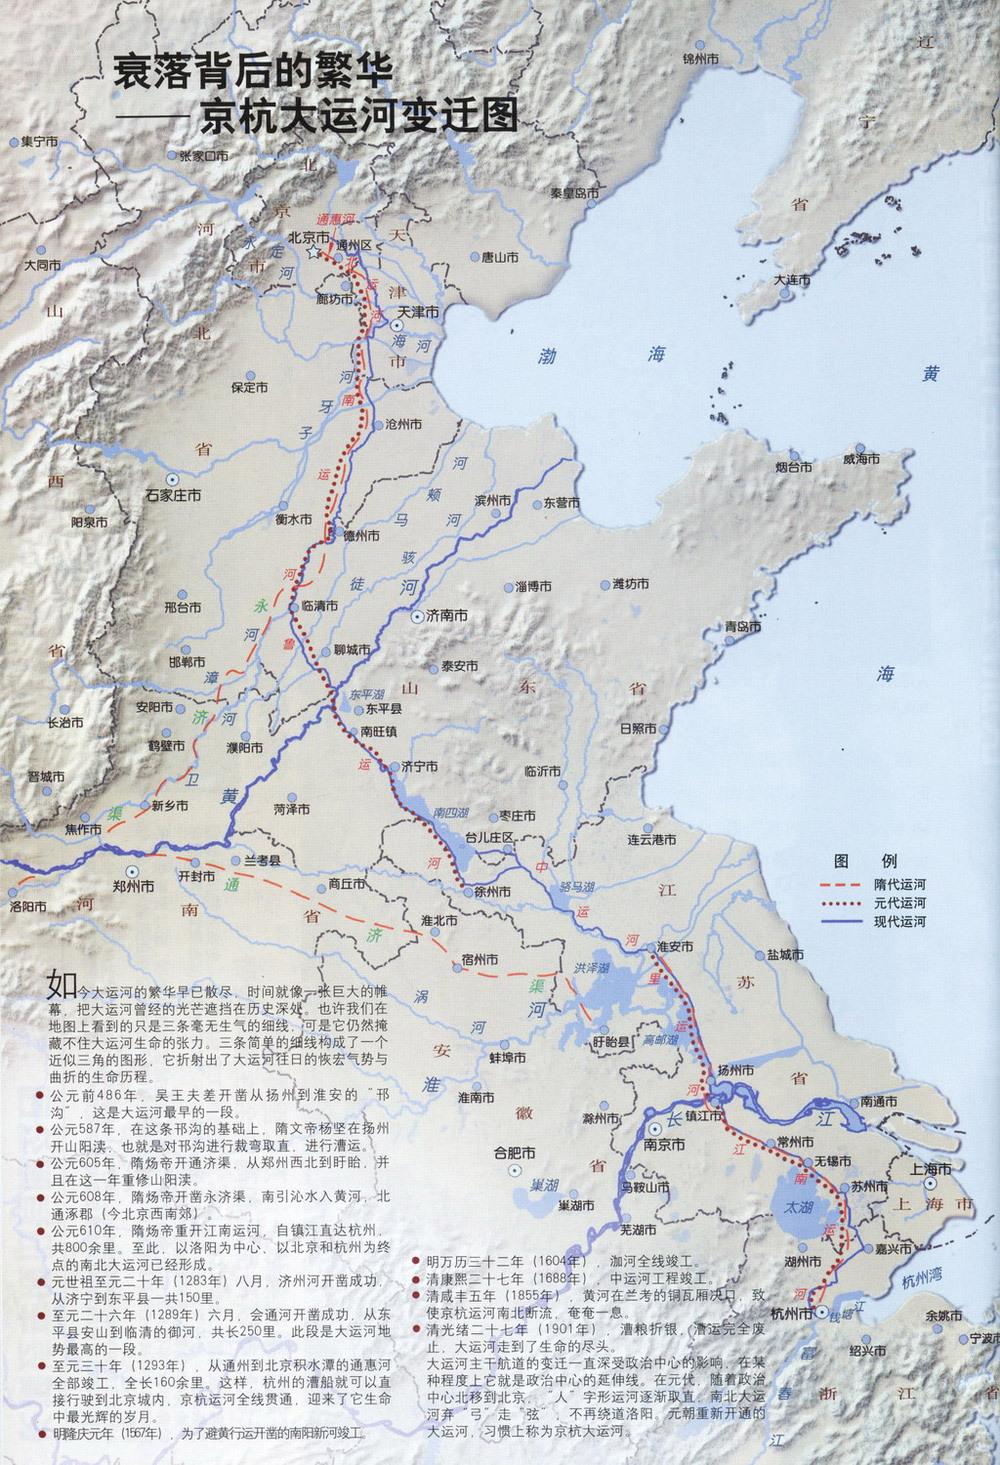 地图 1000_1465 竖版 竖屏